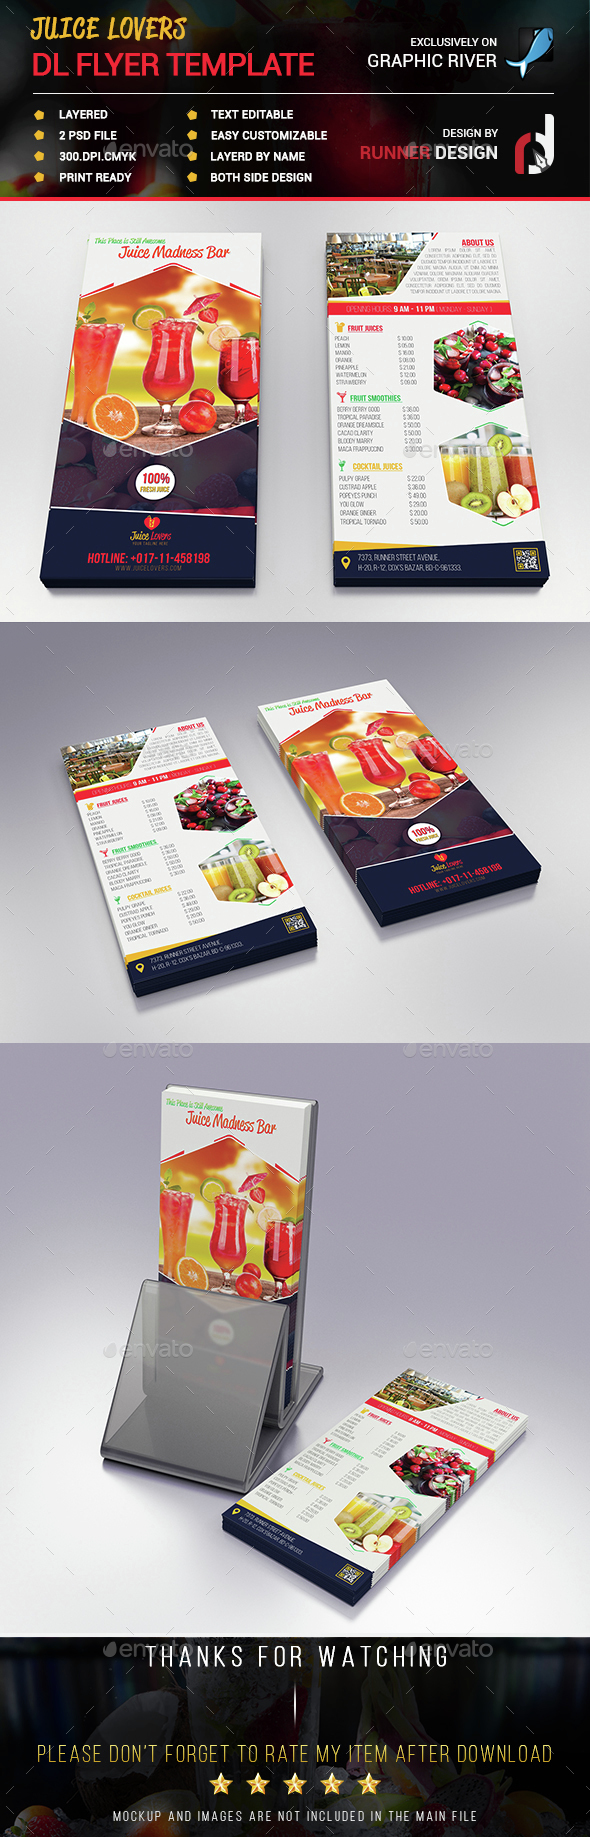 Juice Lovers DL Flyer Template | DL Flyer Design | Pinterest | Flyer ...